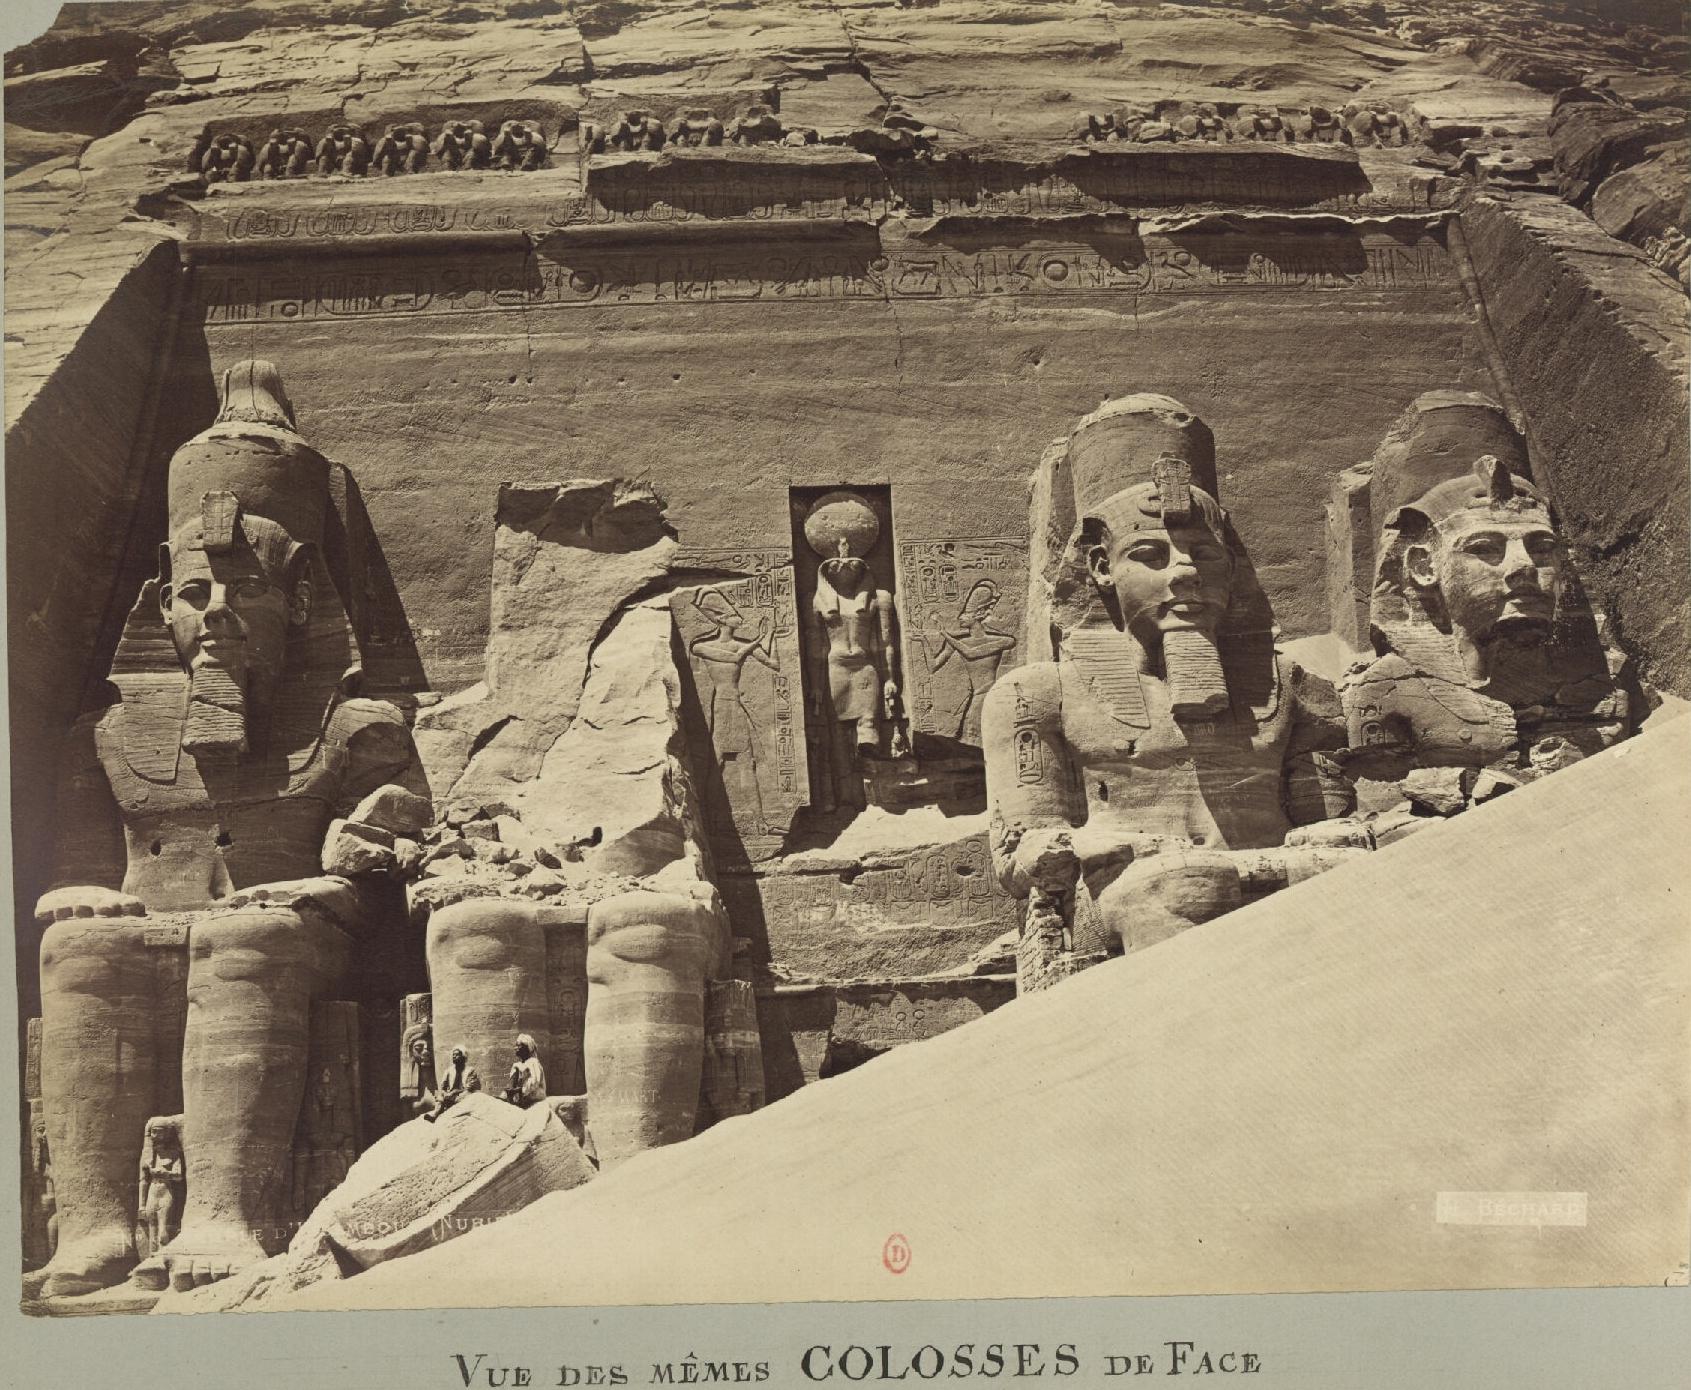 Абу-Симбел. Вид тех же колоссальных лиц. Храм Ибсамбула (Нубия)